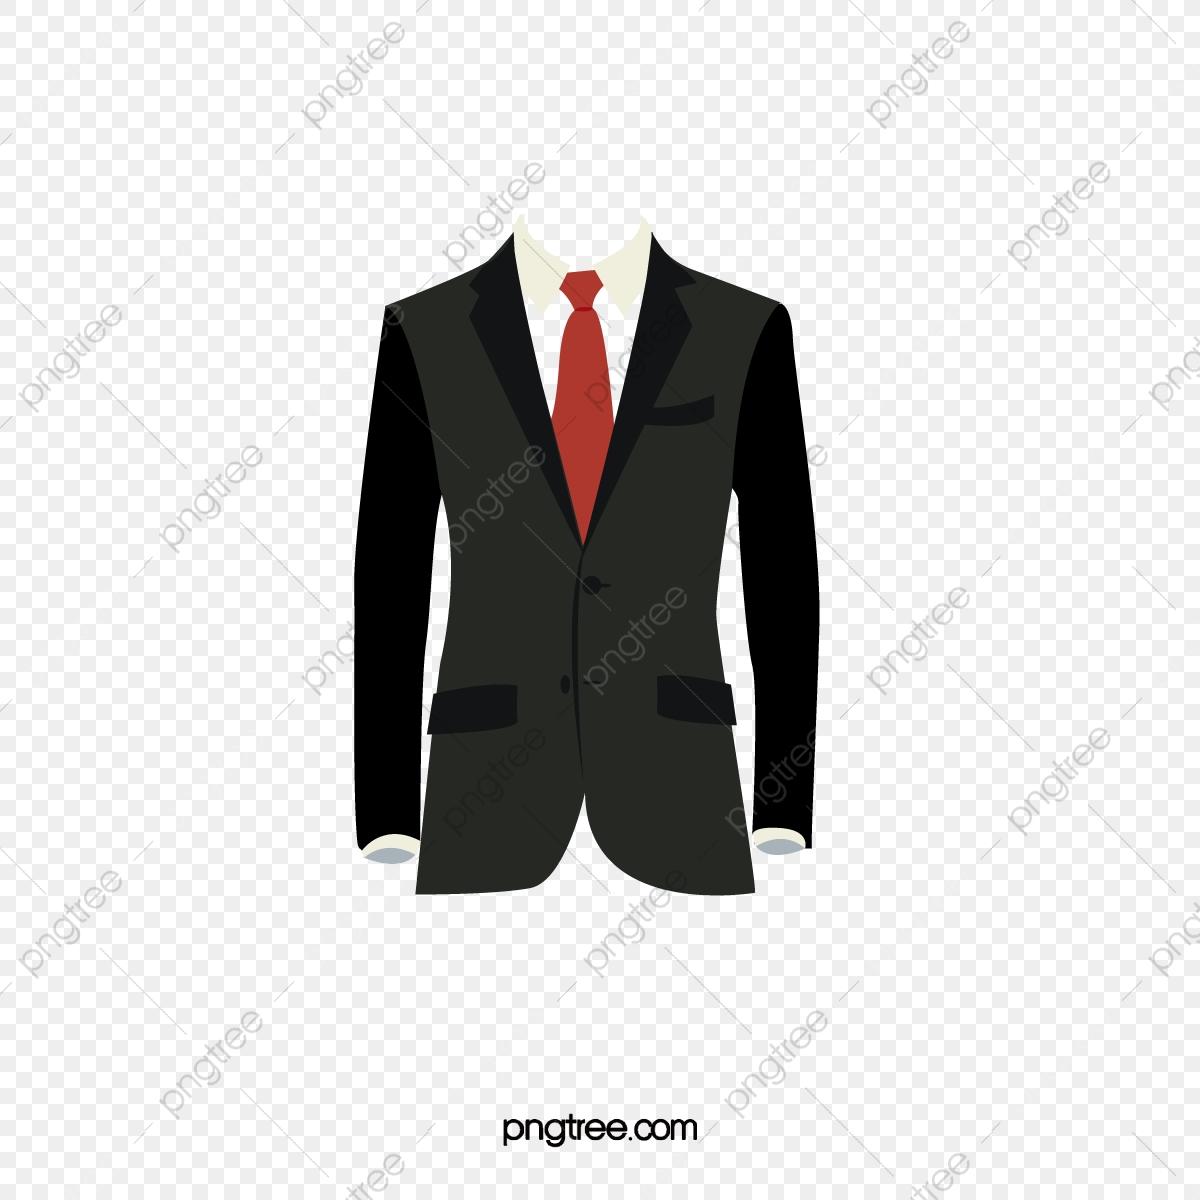 Black Suit, Men's Tops, Men's Clothing, Suit PNG Transparent Clipart.